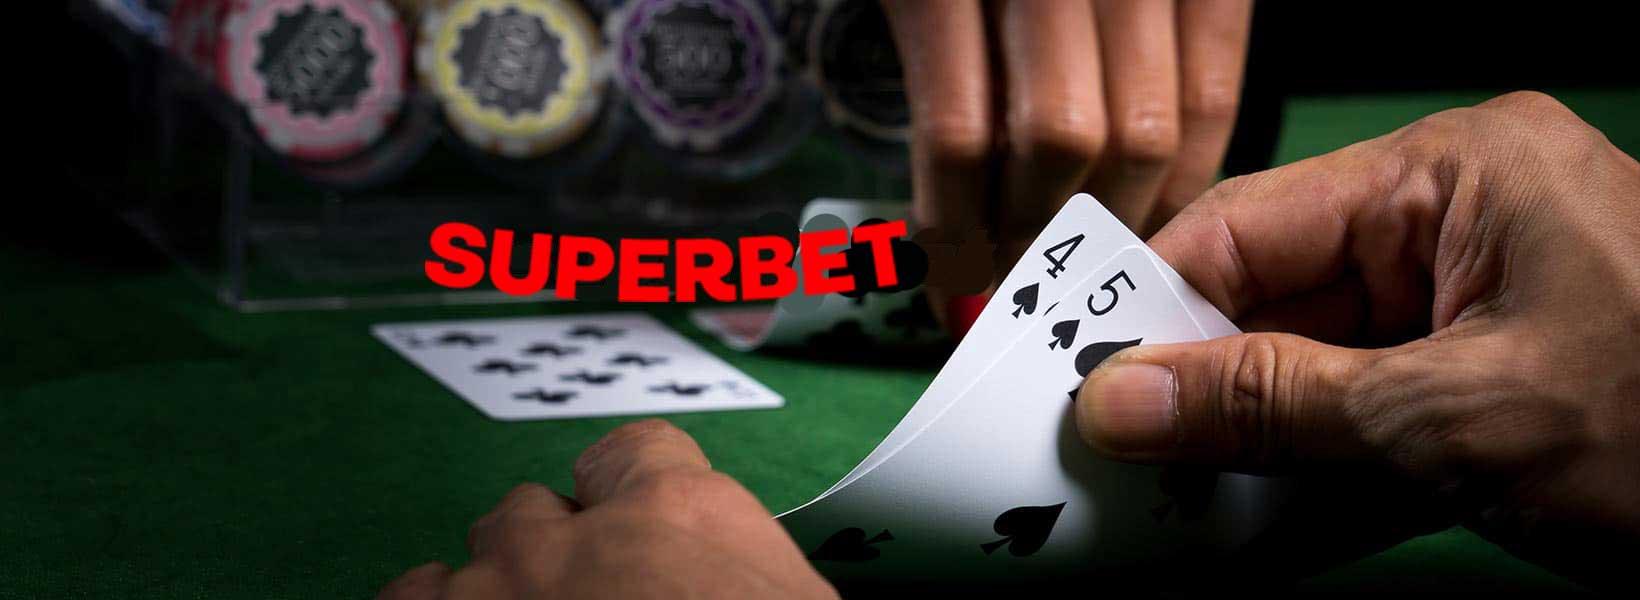 ghid blackjack superbet